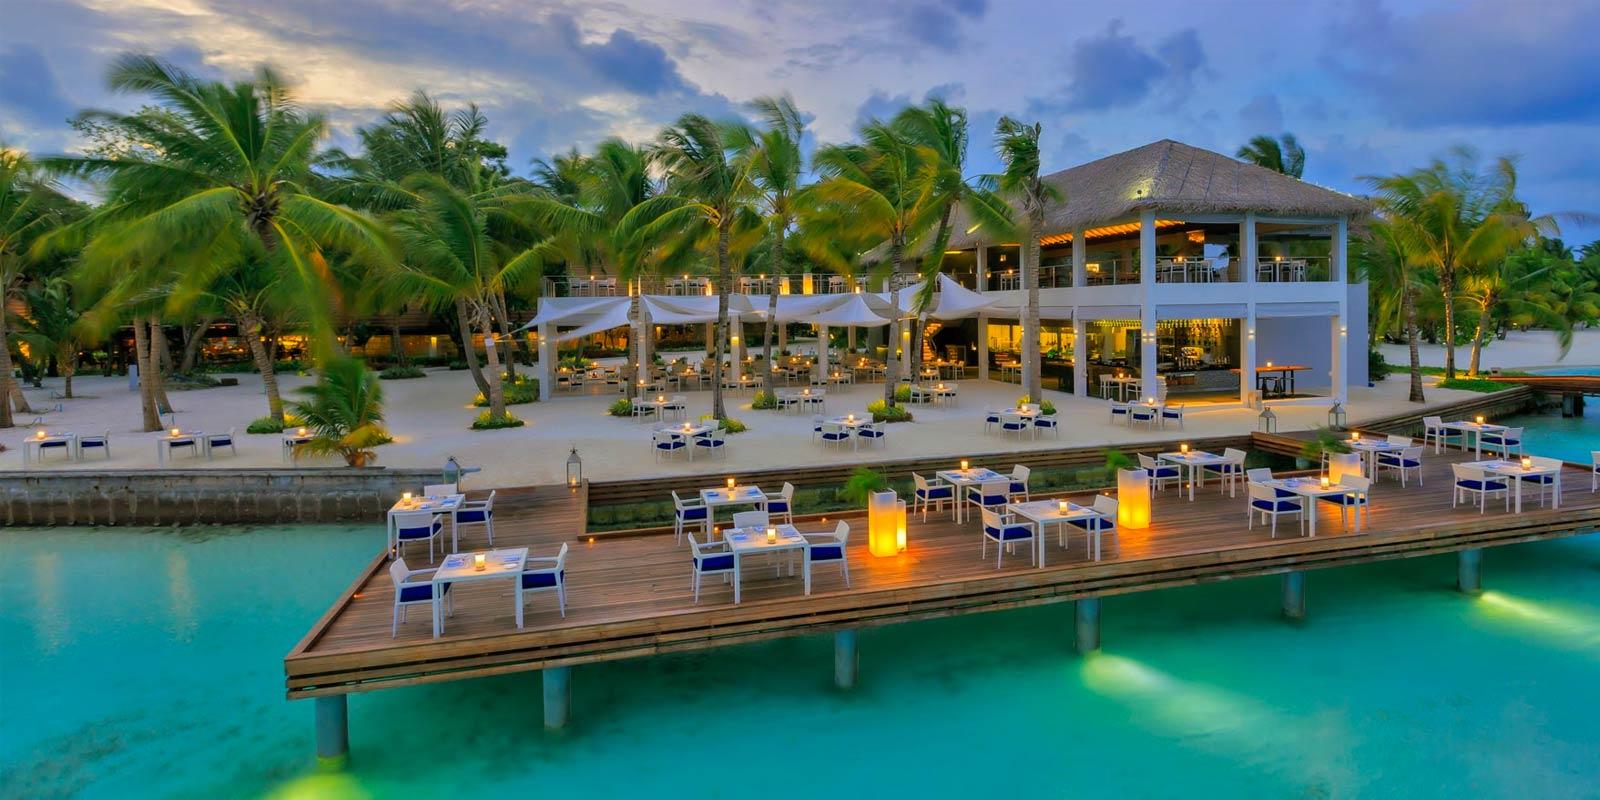 viaggi da sogno 2017 resort spa viaggio di nozze luna di miele